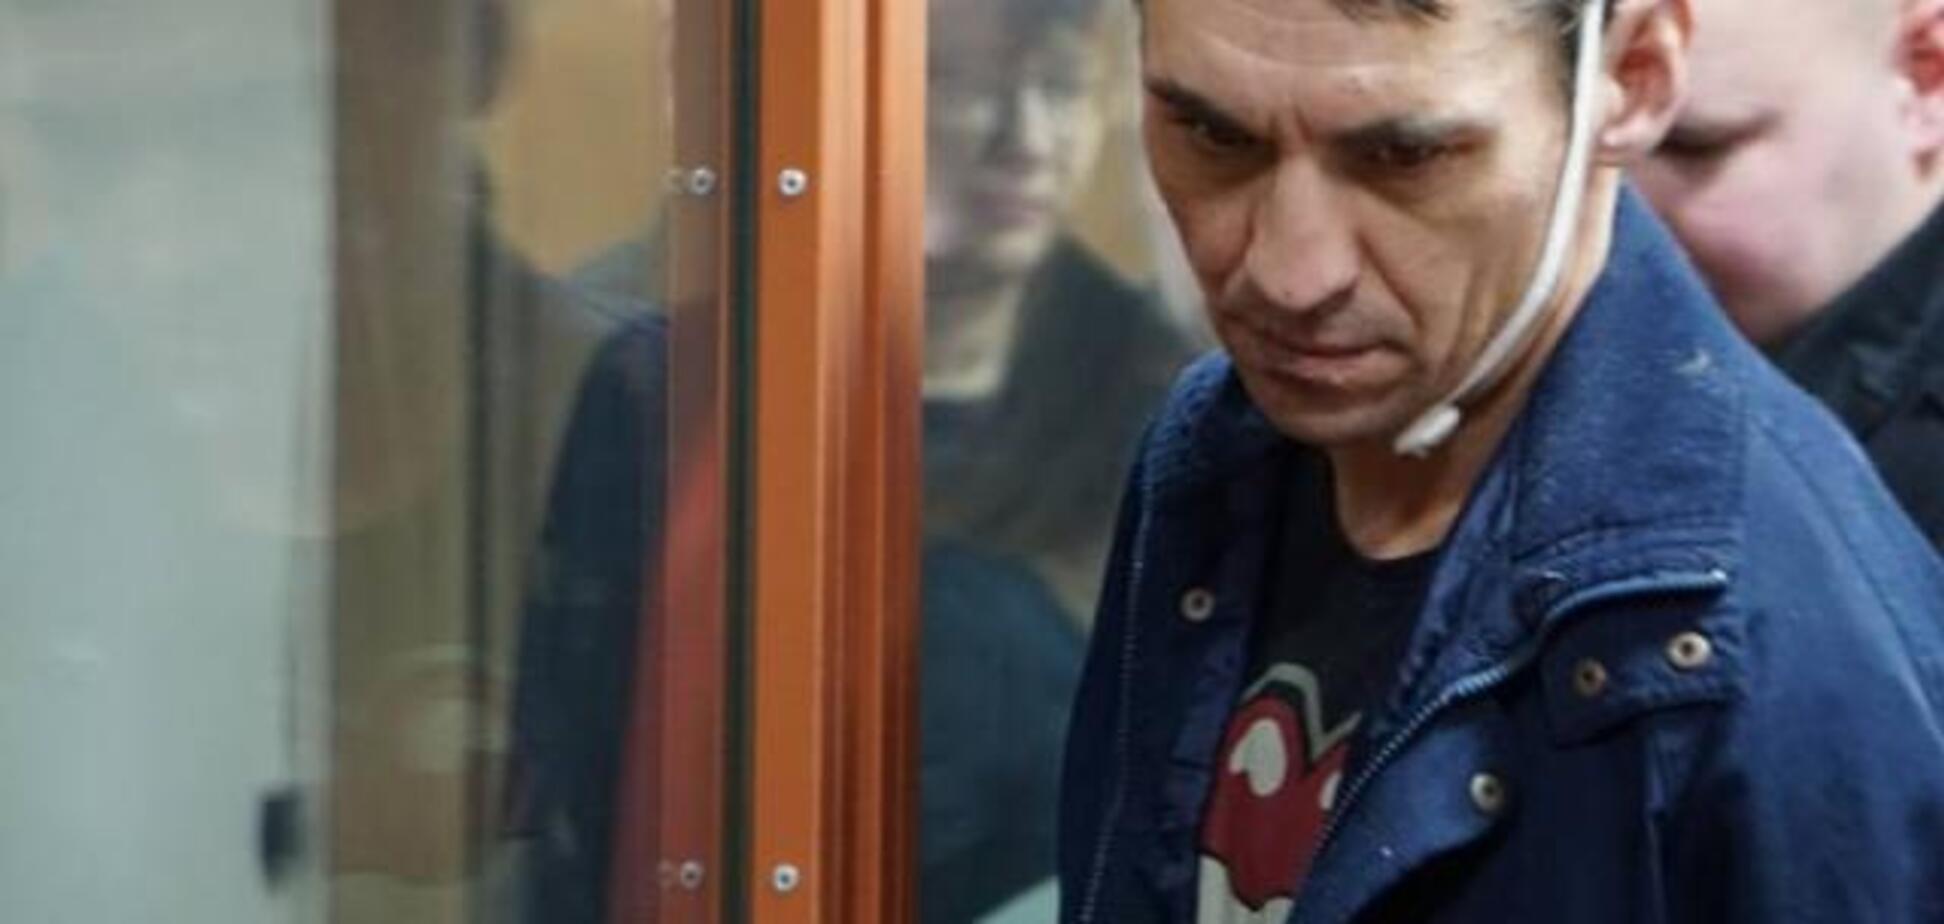 Захват 'Укрпочты' в Харькове: заложник рассказал, как 'скрутили' злоумышленника